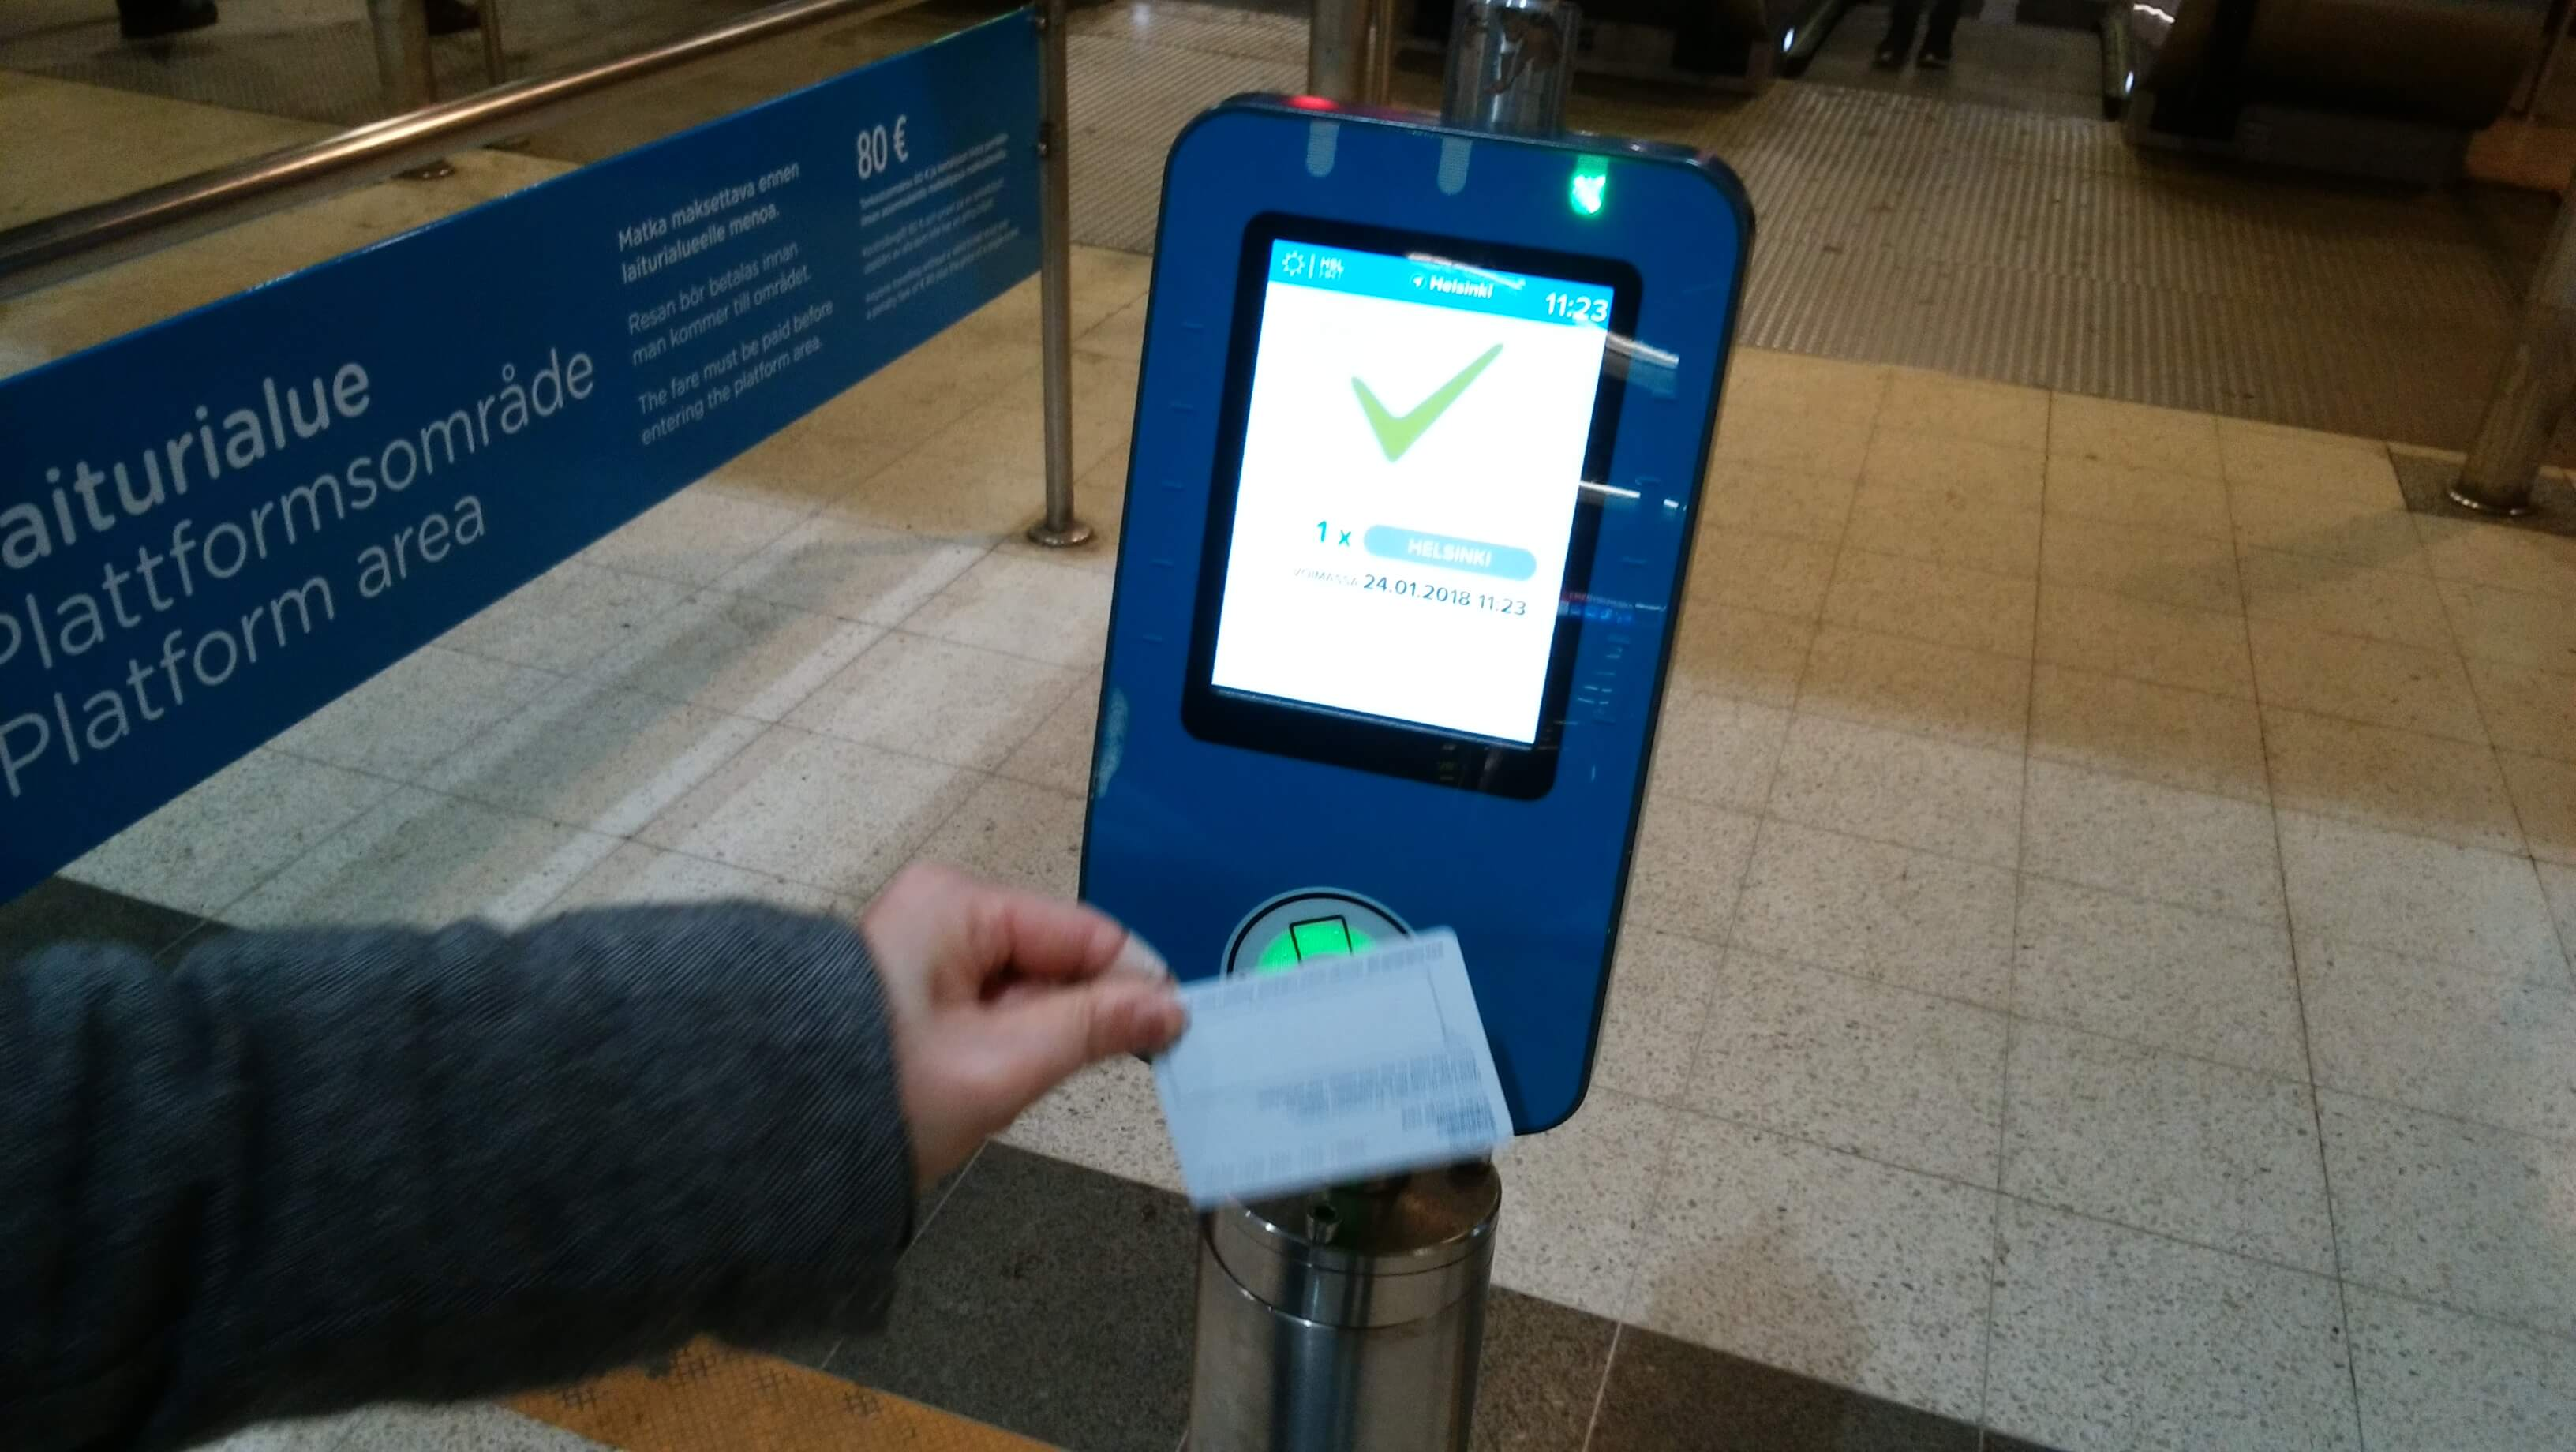 ヘルシンキの公共交通機関の入り口でカードをかざした瞬間から利用が始まる(写真はICカードタイプのデイチケット)